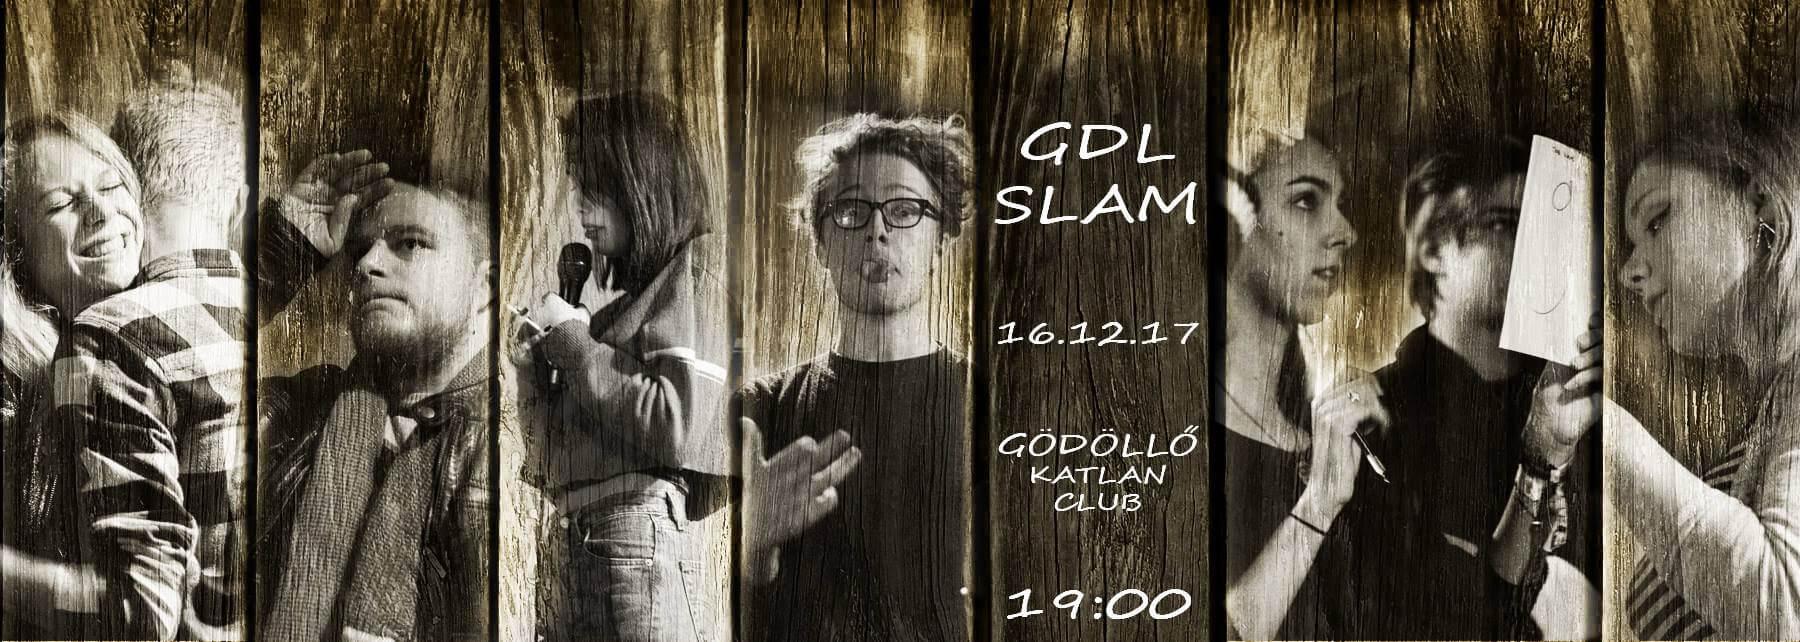 II. GDL Slam